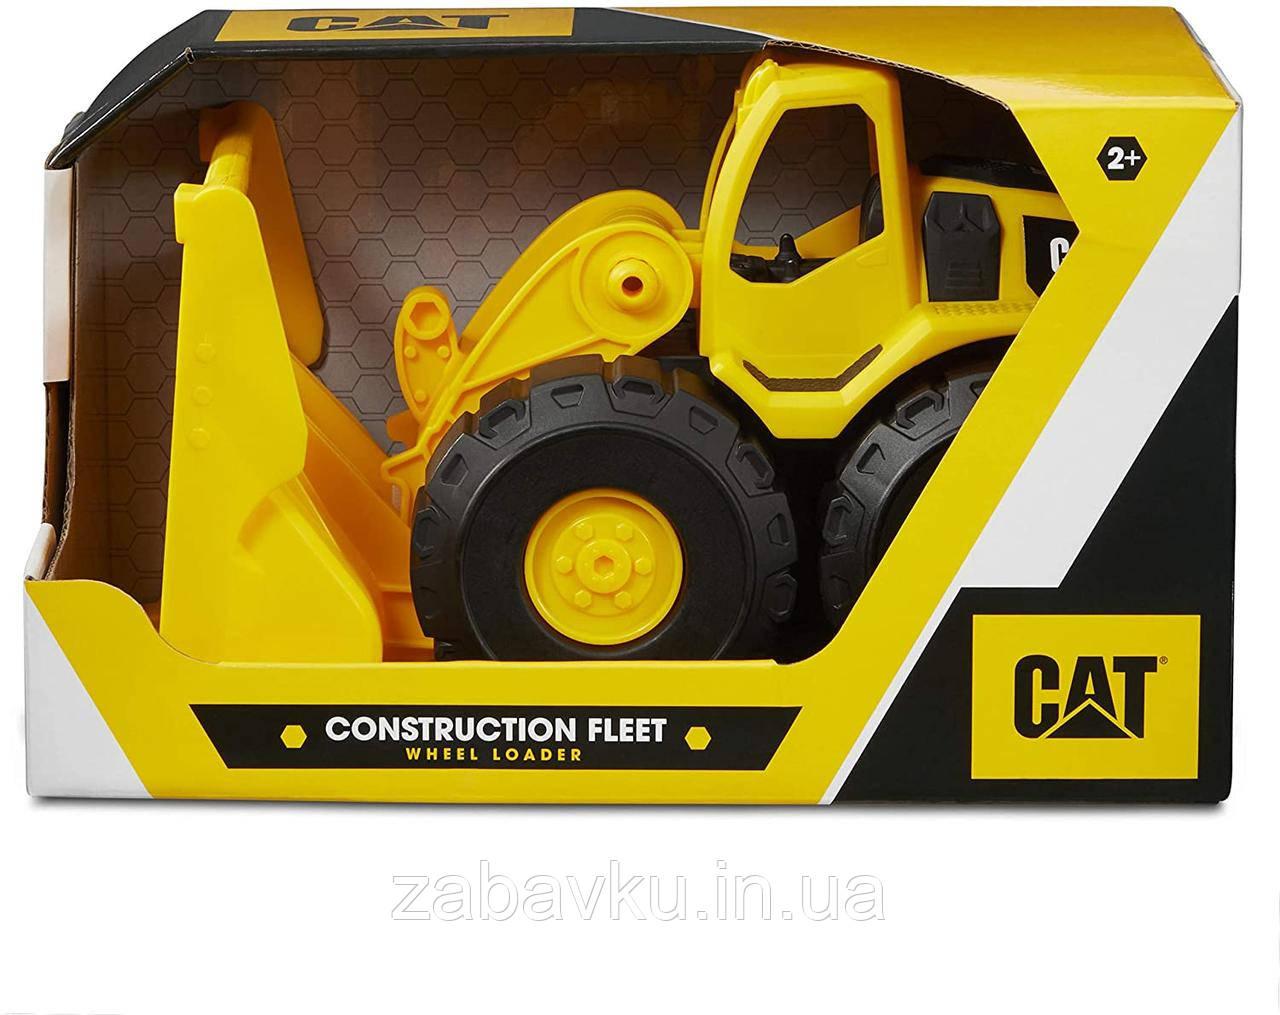 Строительная техника экскаватор погрузчик Cat Wheel Loader Catepillar